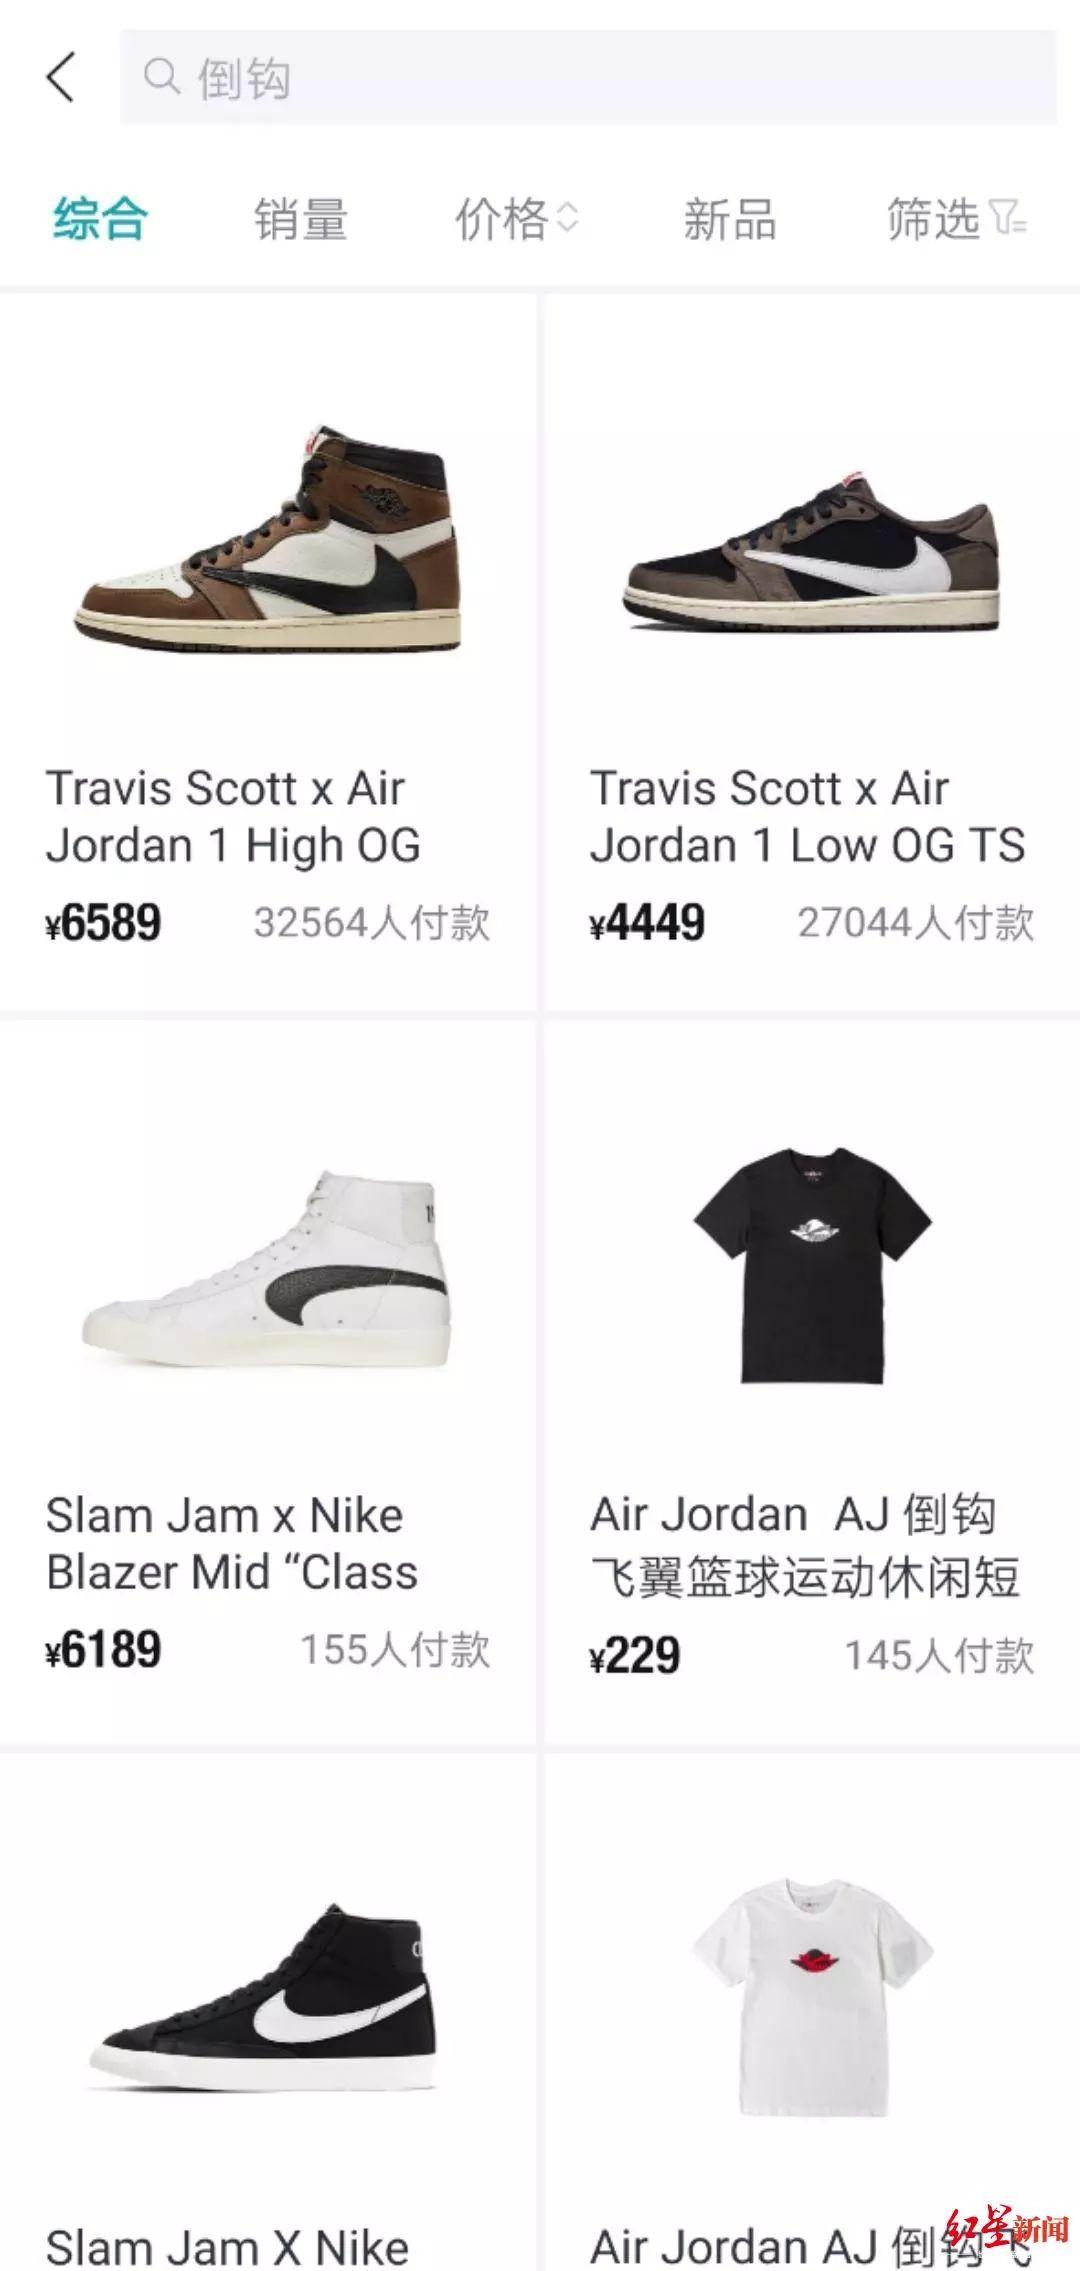 鞋商炒鞋欠款千万